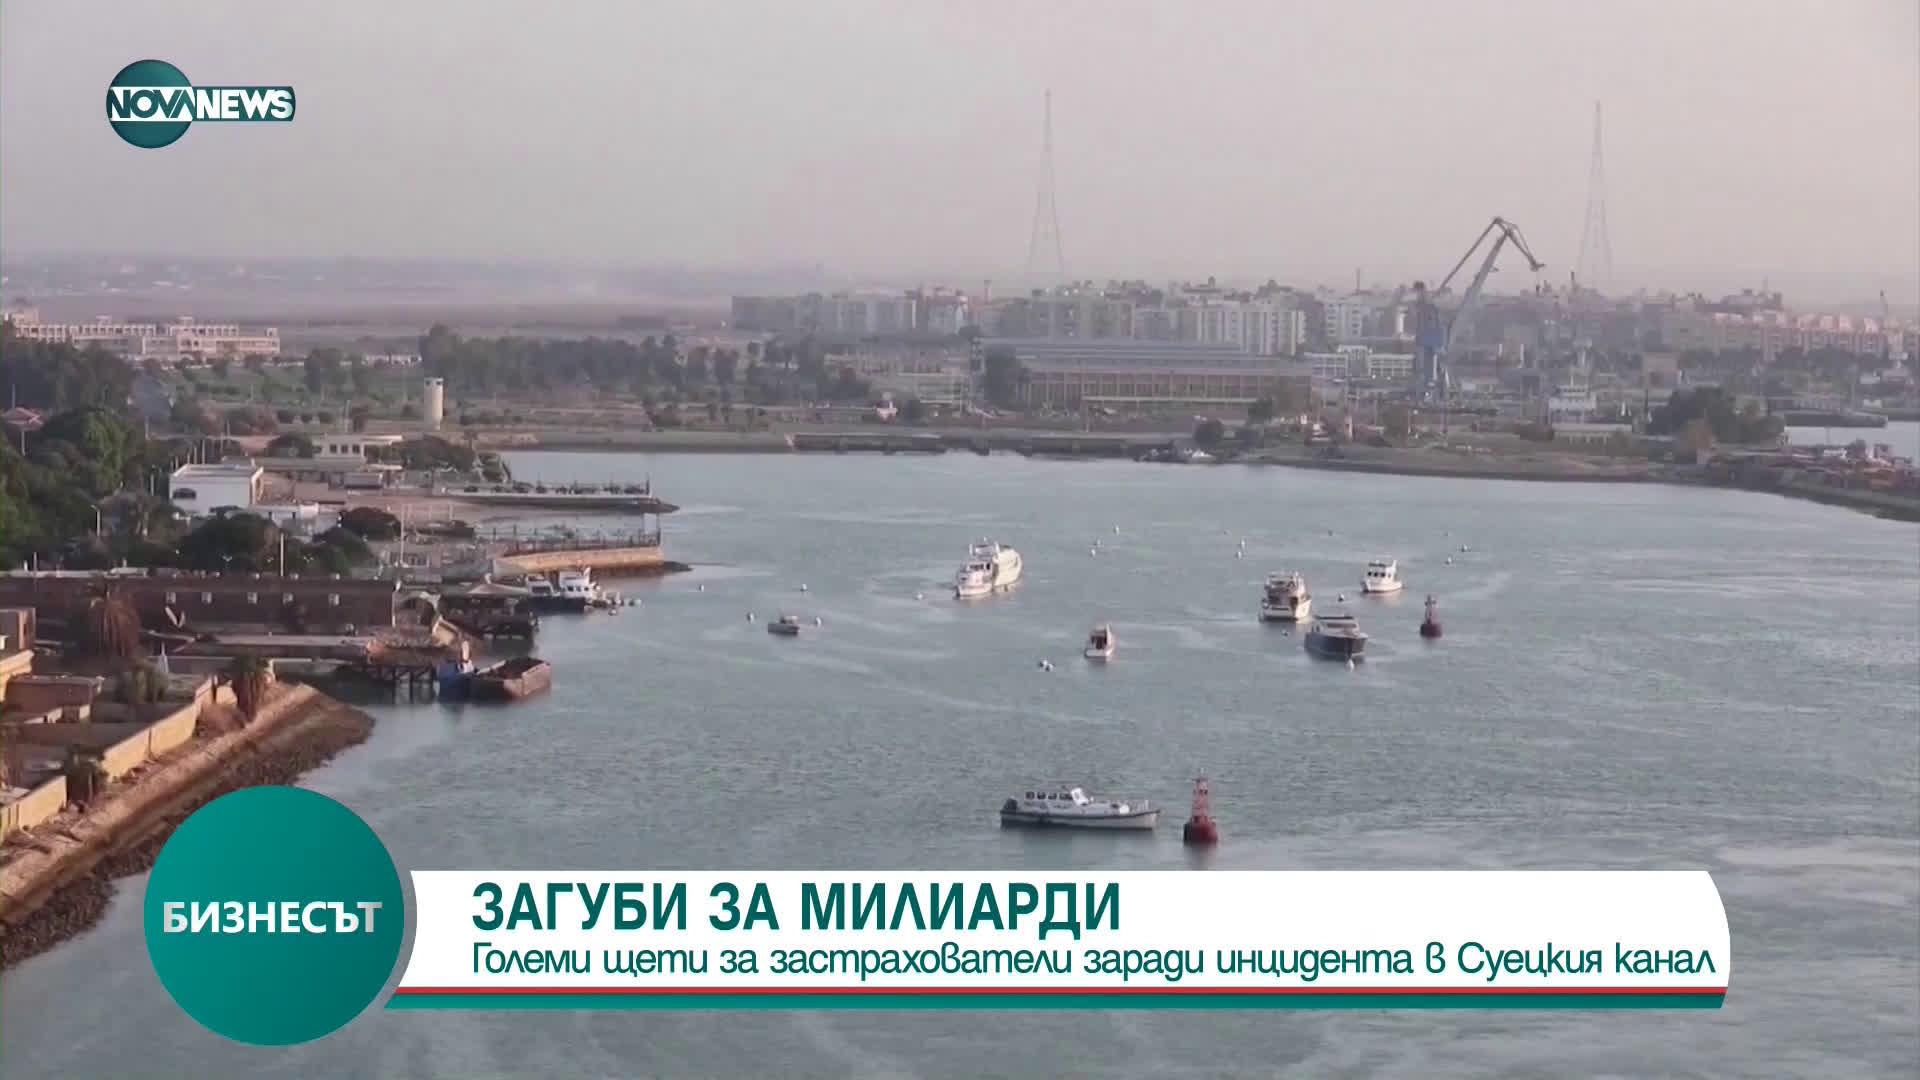 Големи щети за застрахователи заради инцидента в Суецкия канал